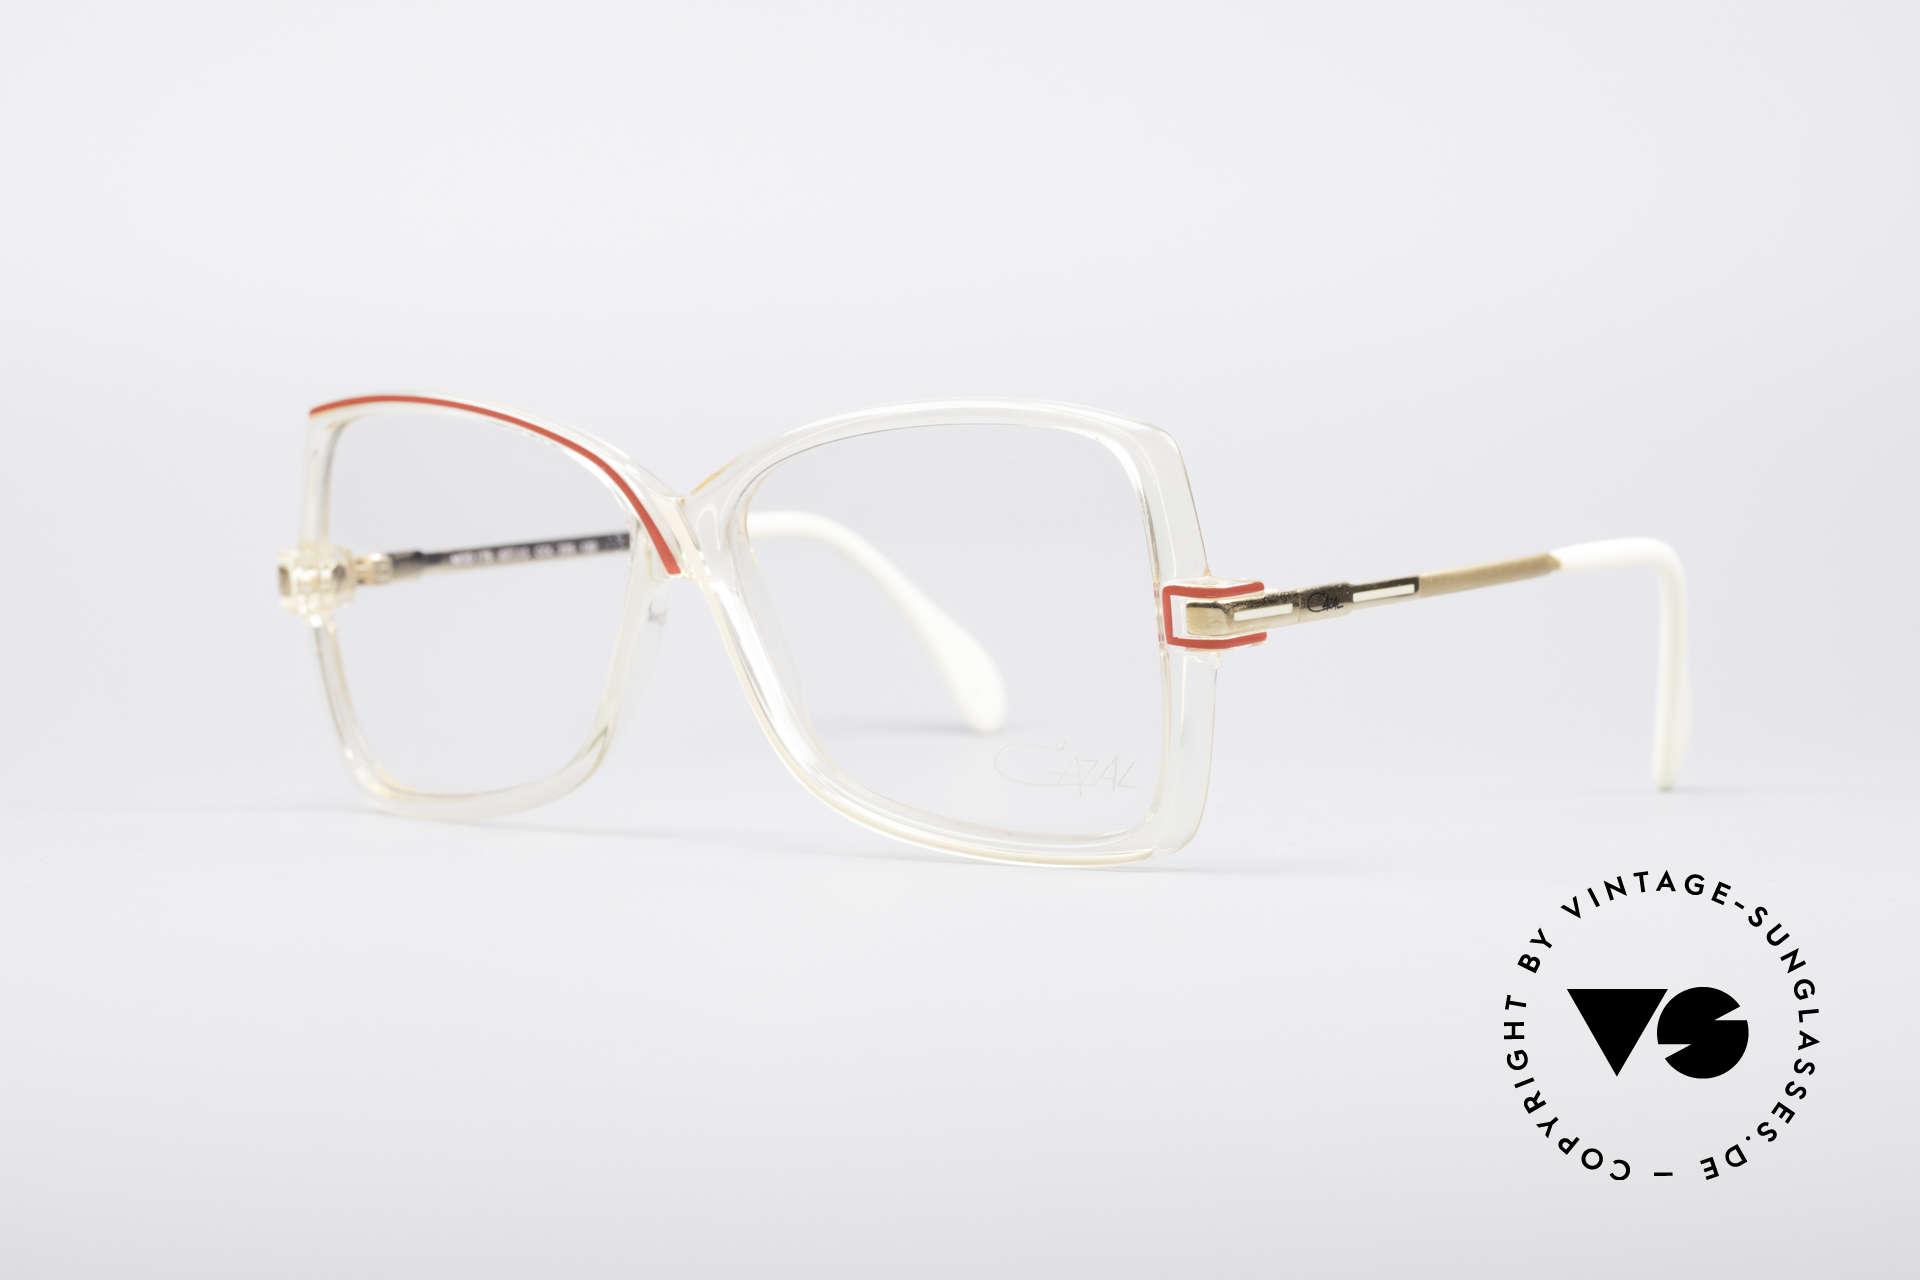 Cazal 175 Echt 80er Vintage Brille, grandioses Designerstück von Mr. CAri ZALloni, Passend für Damen